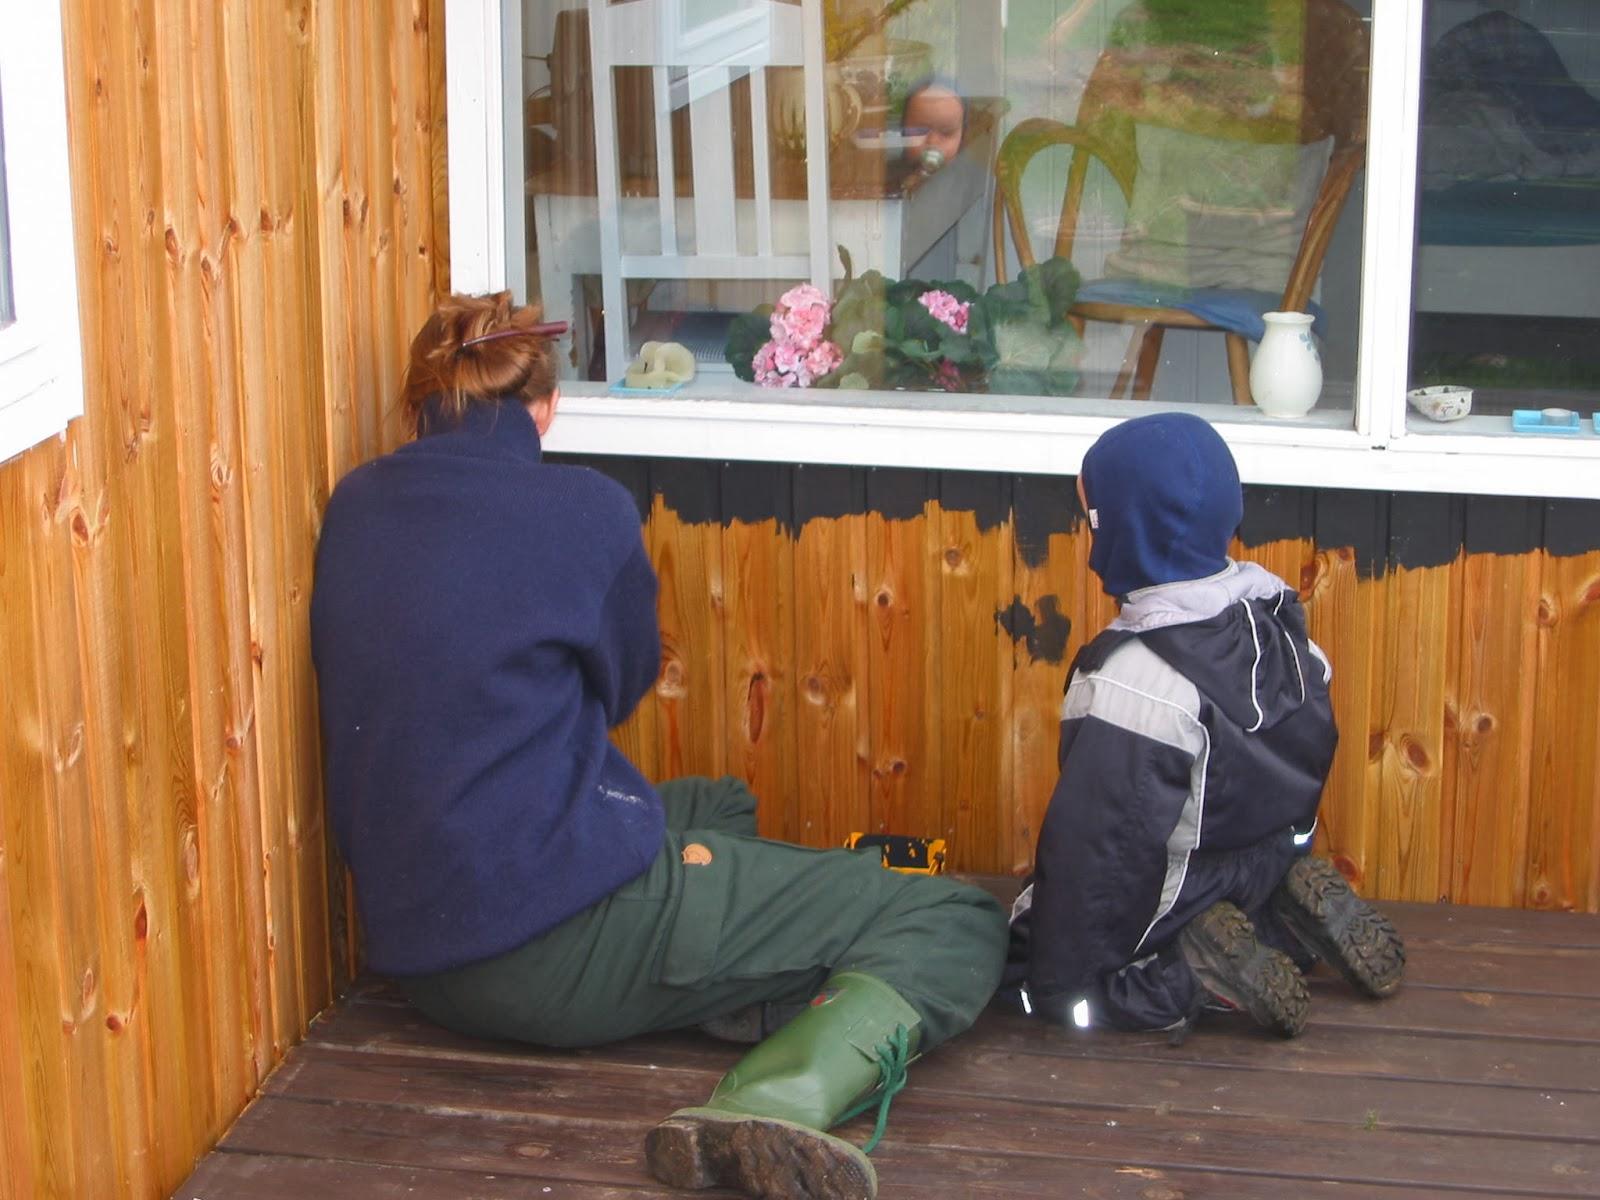 Sine og Johan svinger malerpenslen  Erindringsglimt   blogger